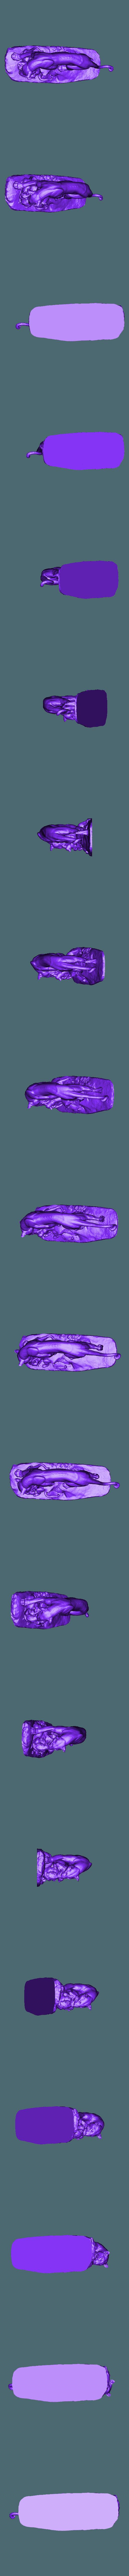 PantherSculpture.stl Télécharger fichier STL gratuit Scan 3D de la sculpture de la panthère • Objet pour impression 3D, 3DWP